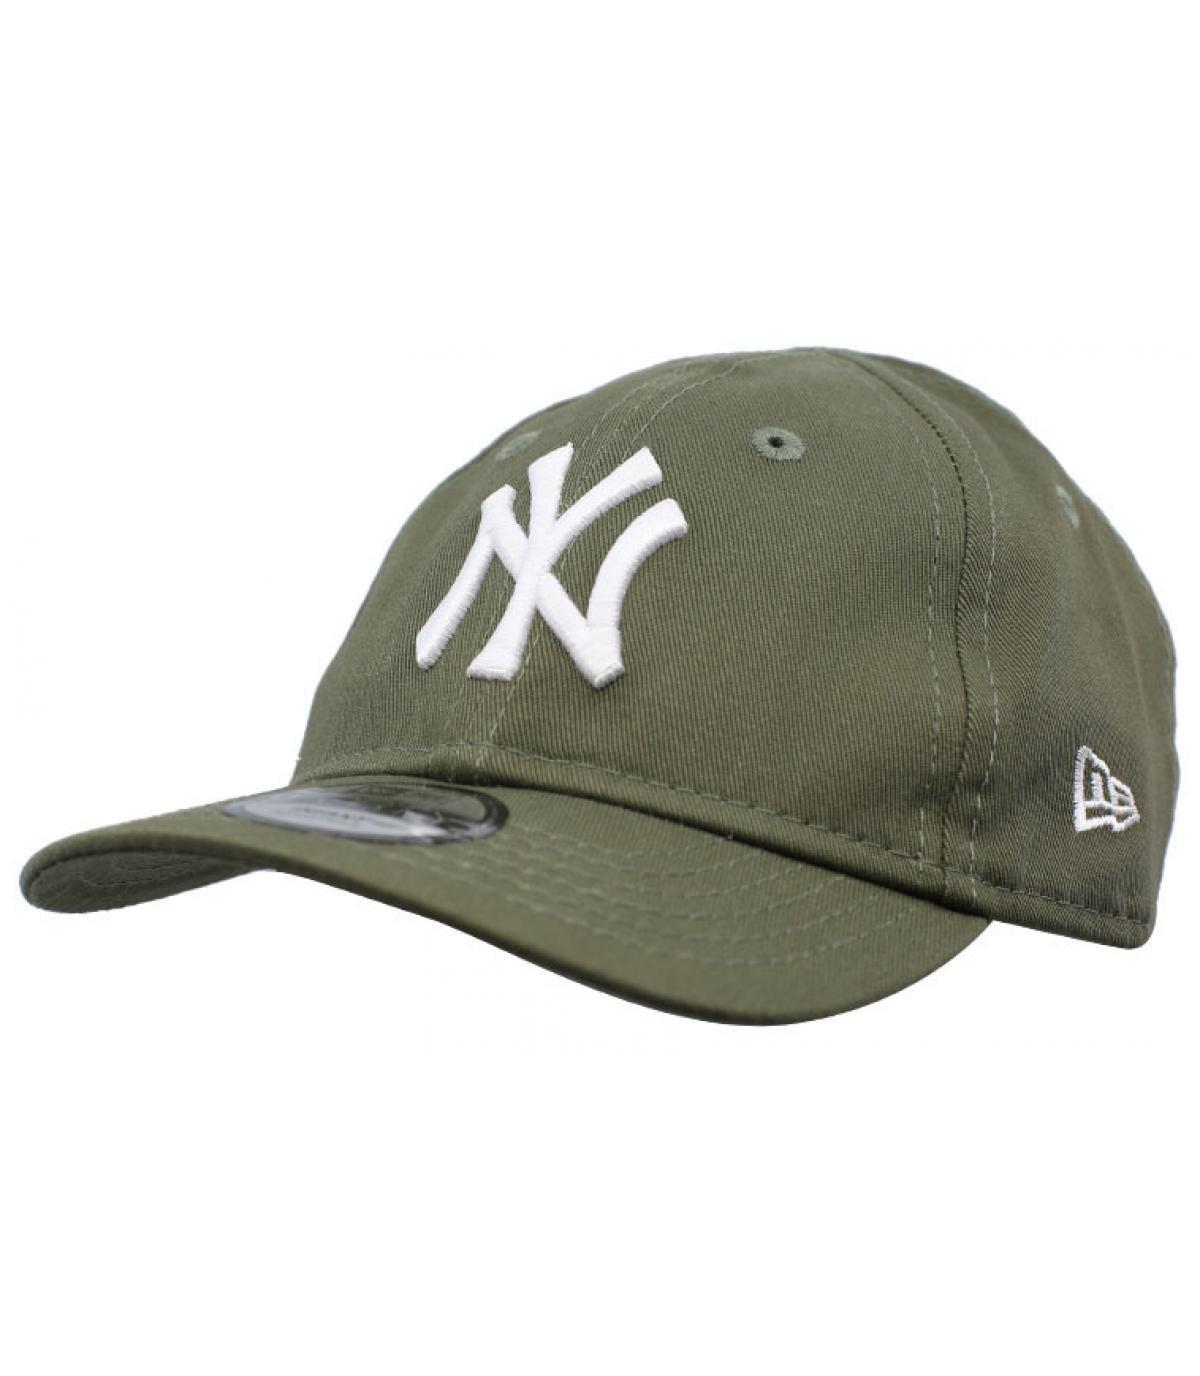 green NY cap baby